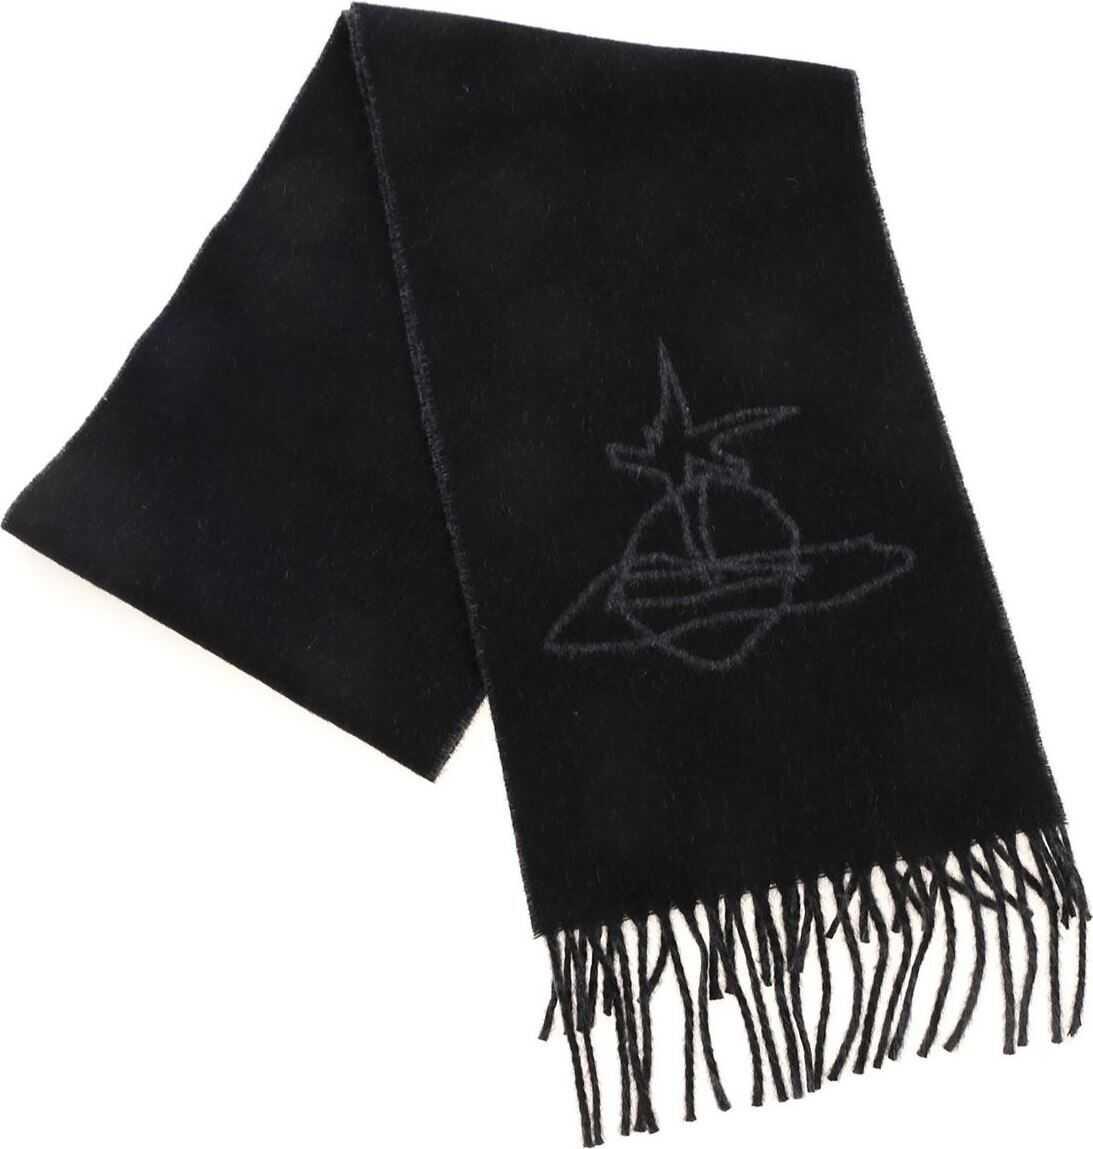 Vivienne Westwood Scribble Orb Scarf In Black And Gray Black